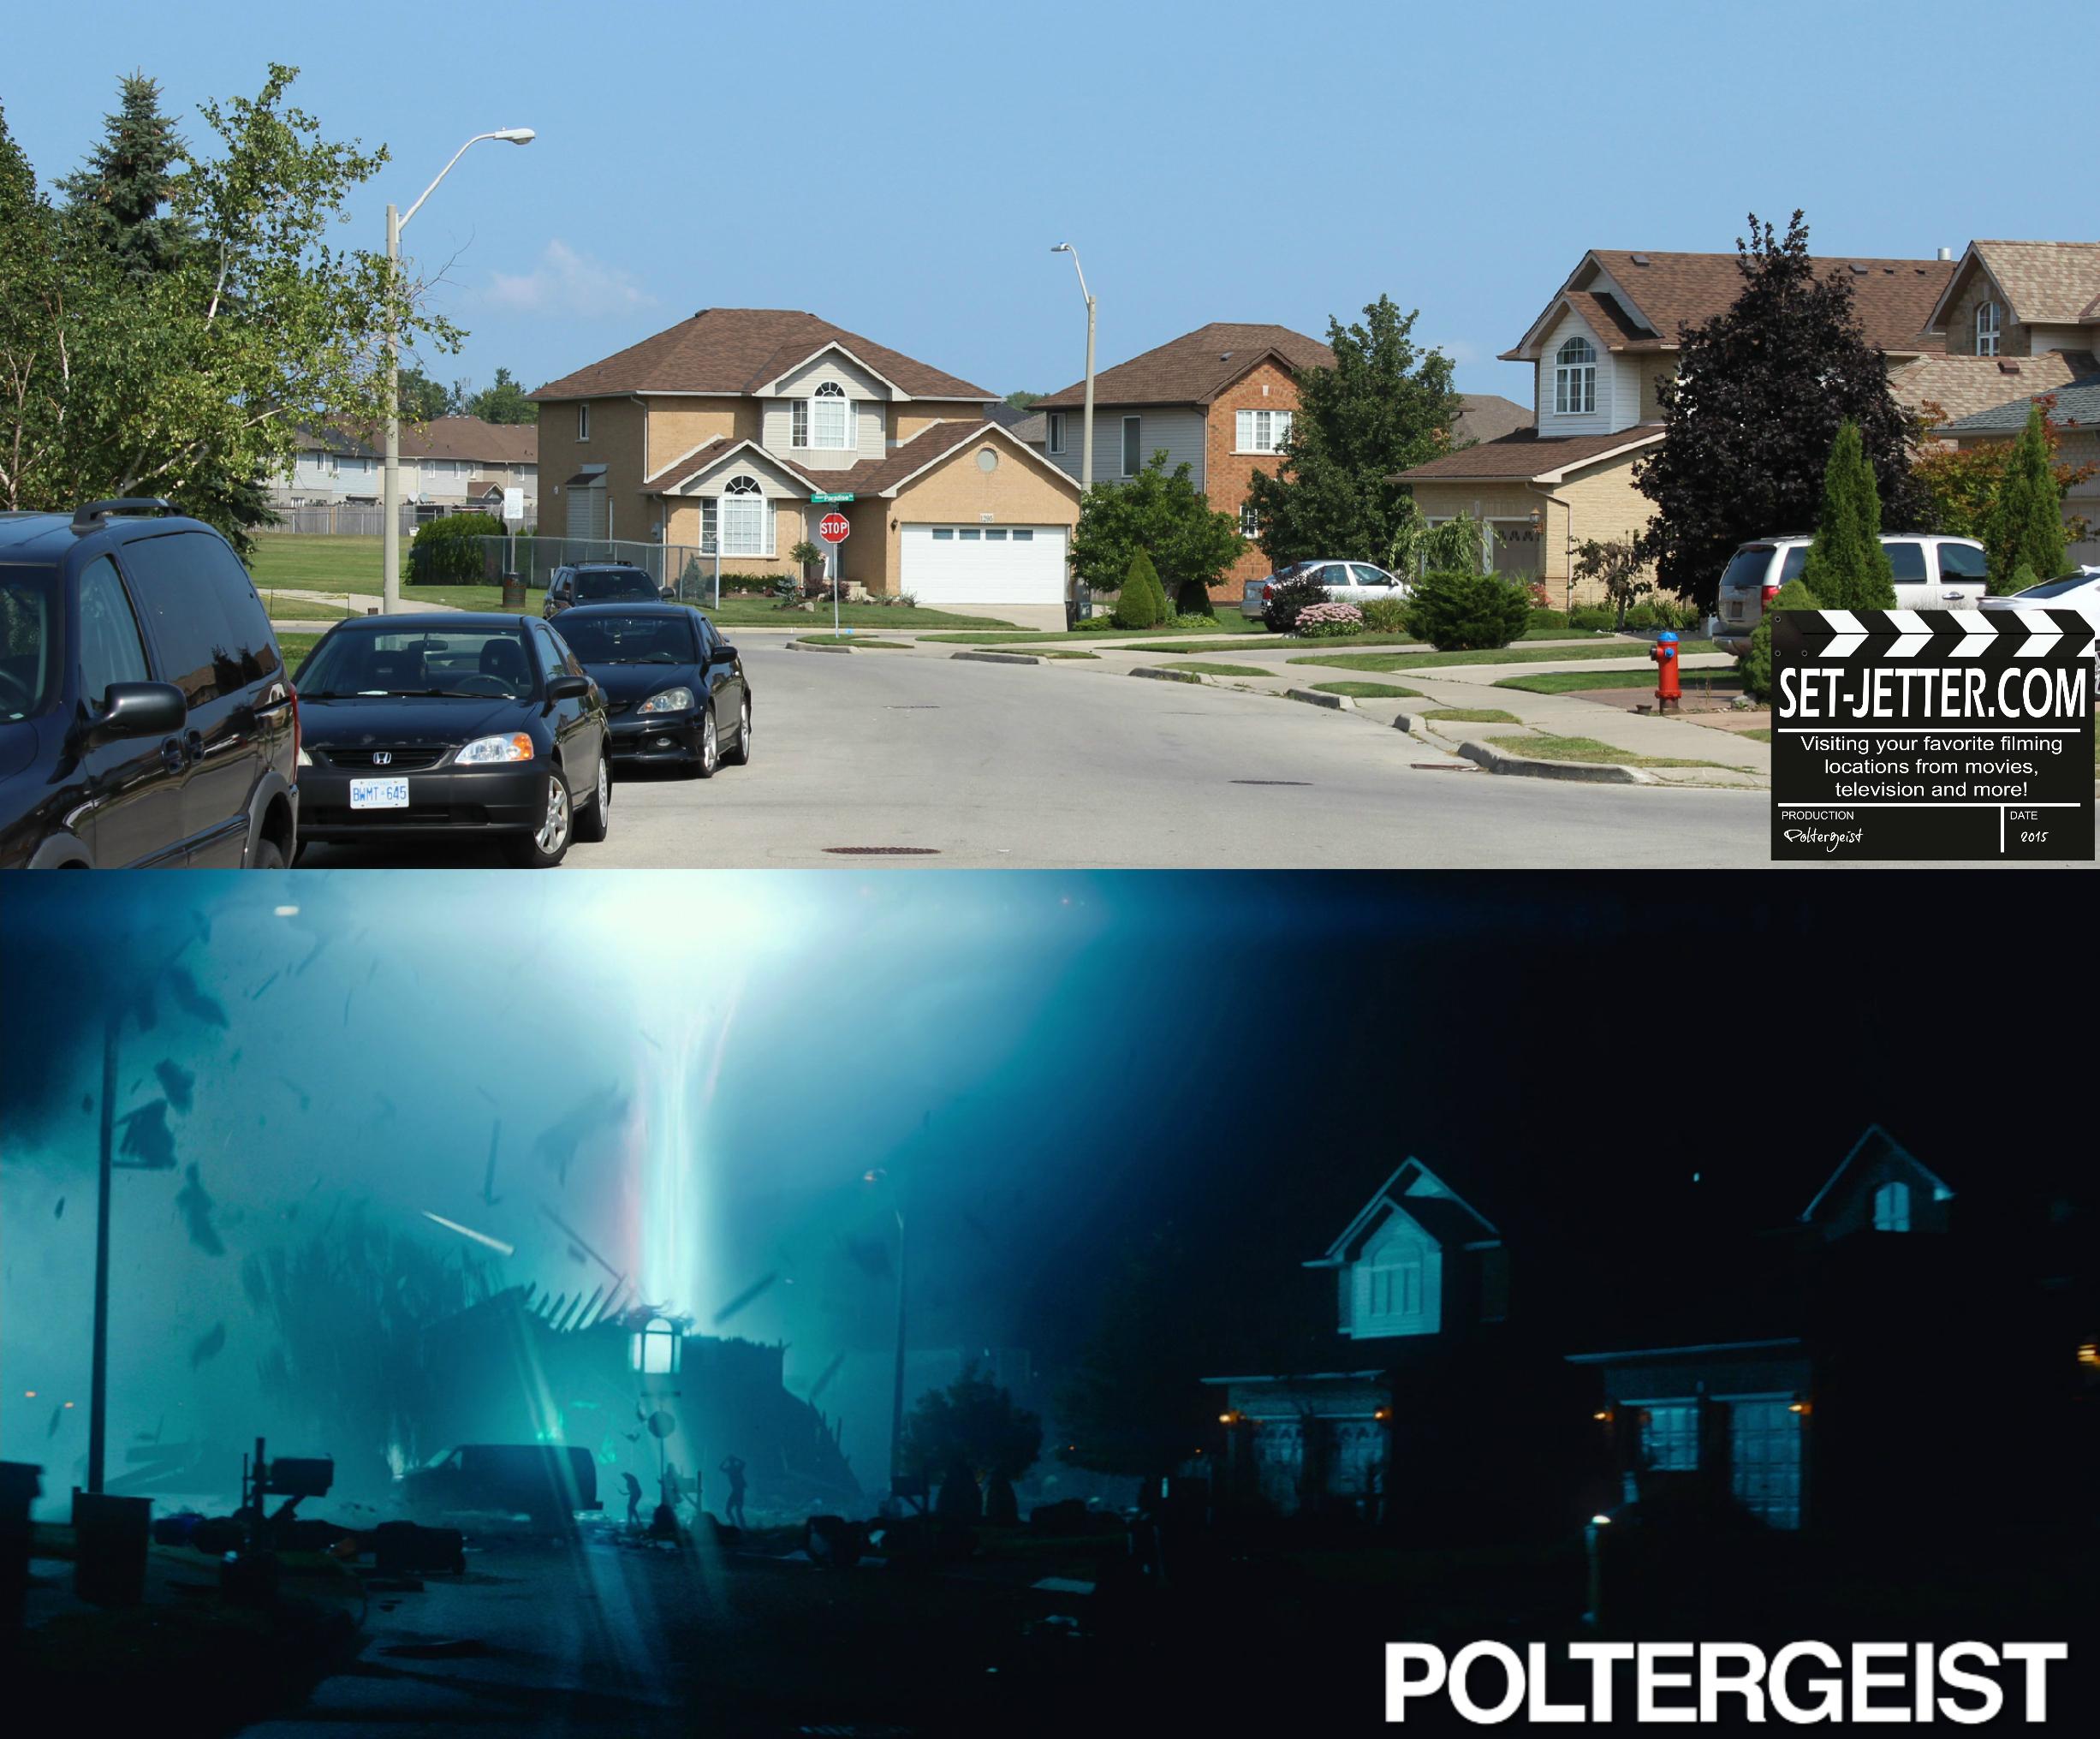 Poltergeist comparison 122.jpg